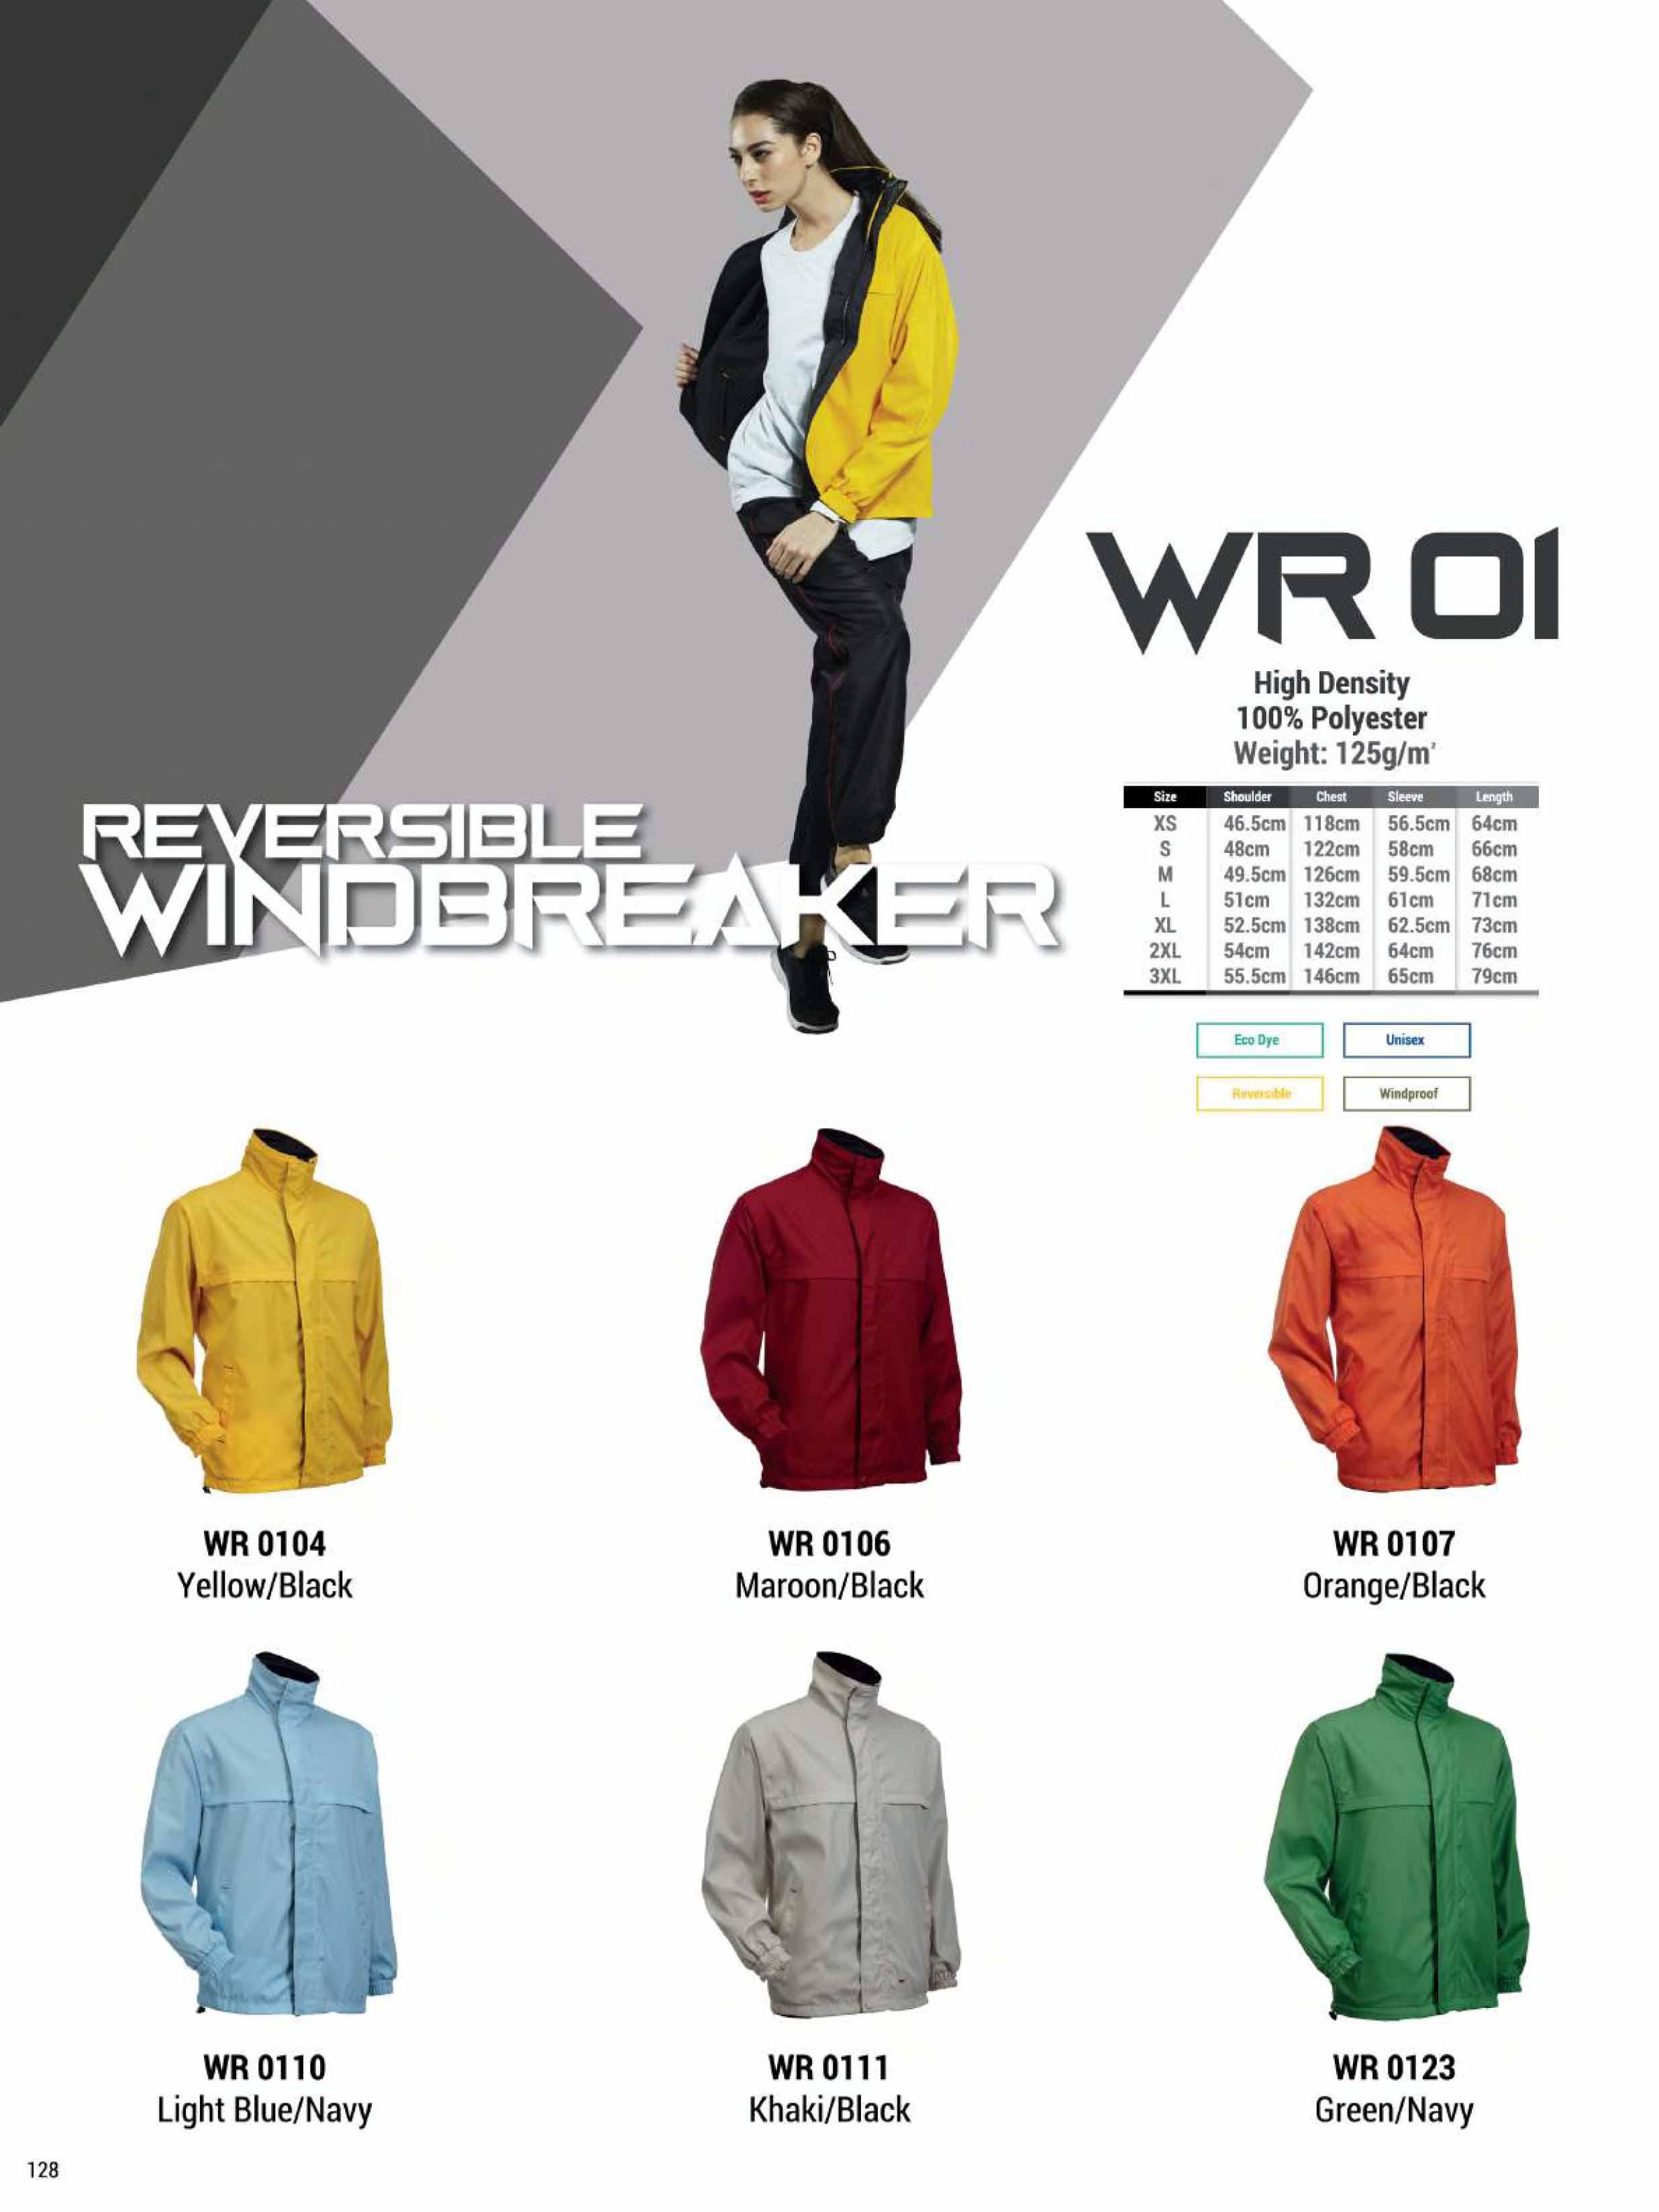 WR01 REVERSIBLE WINDBREAKER